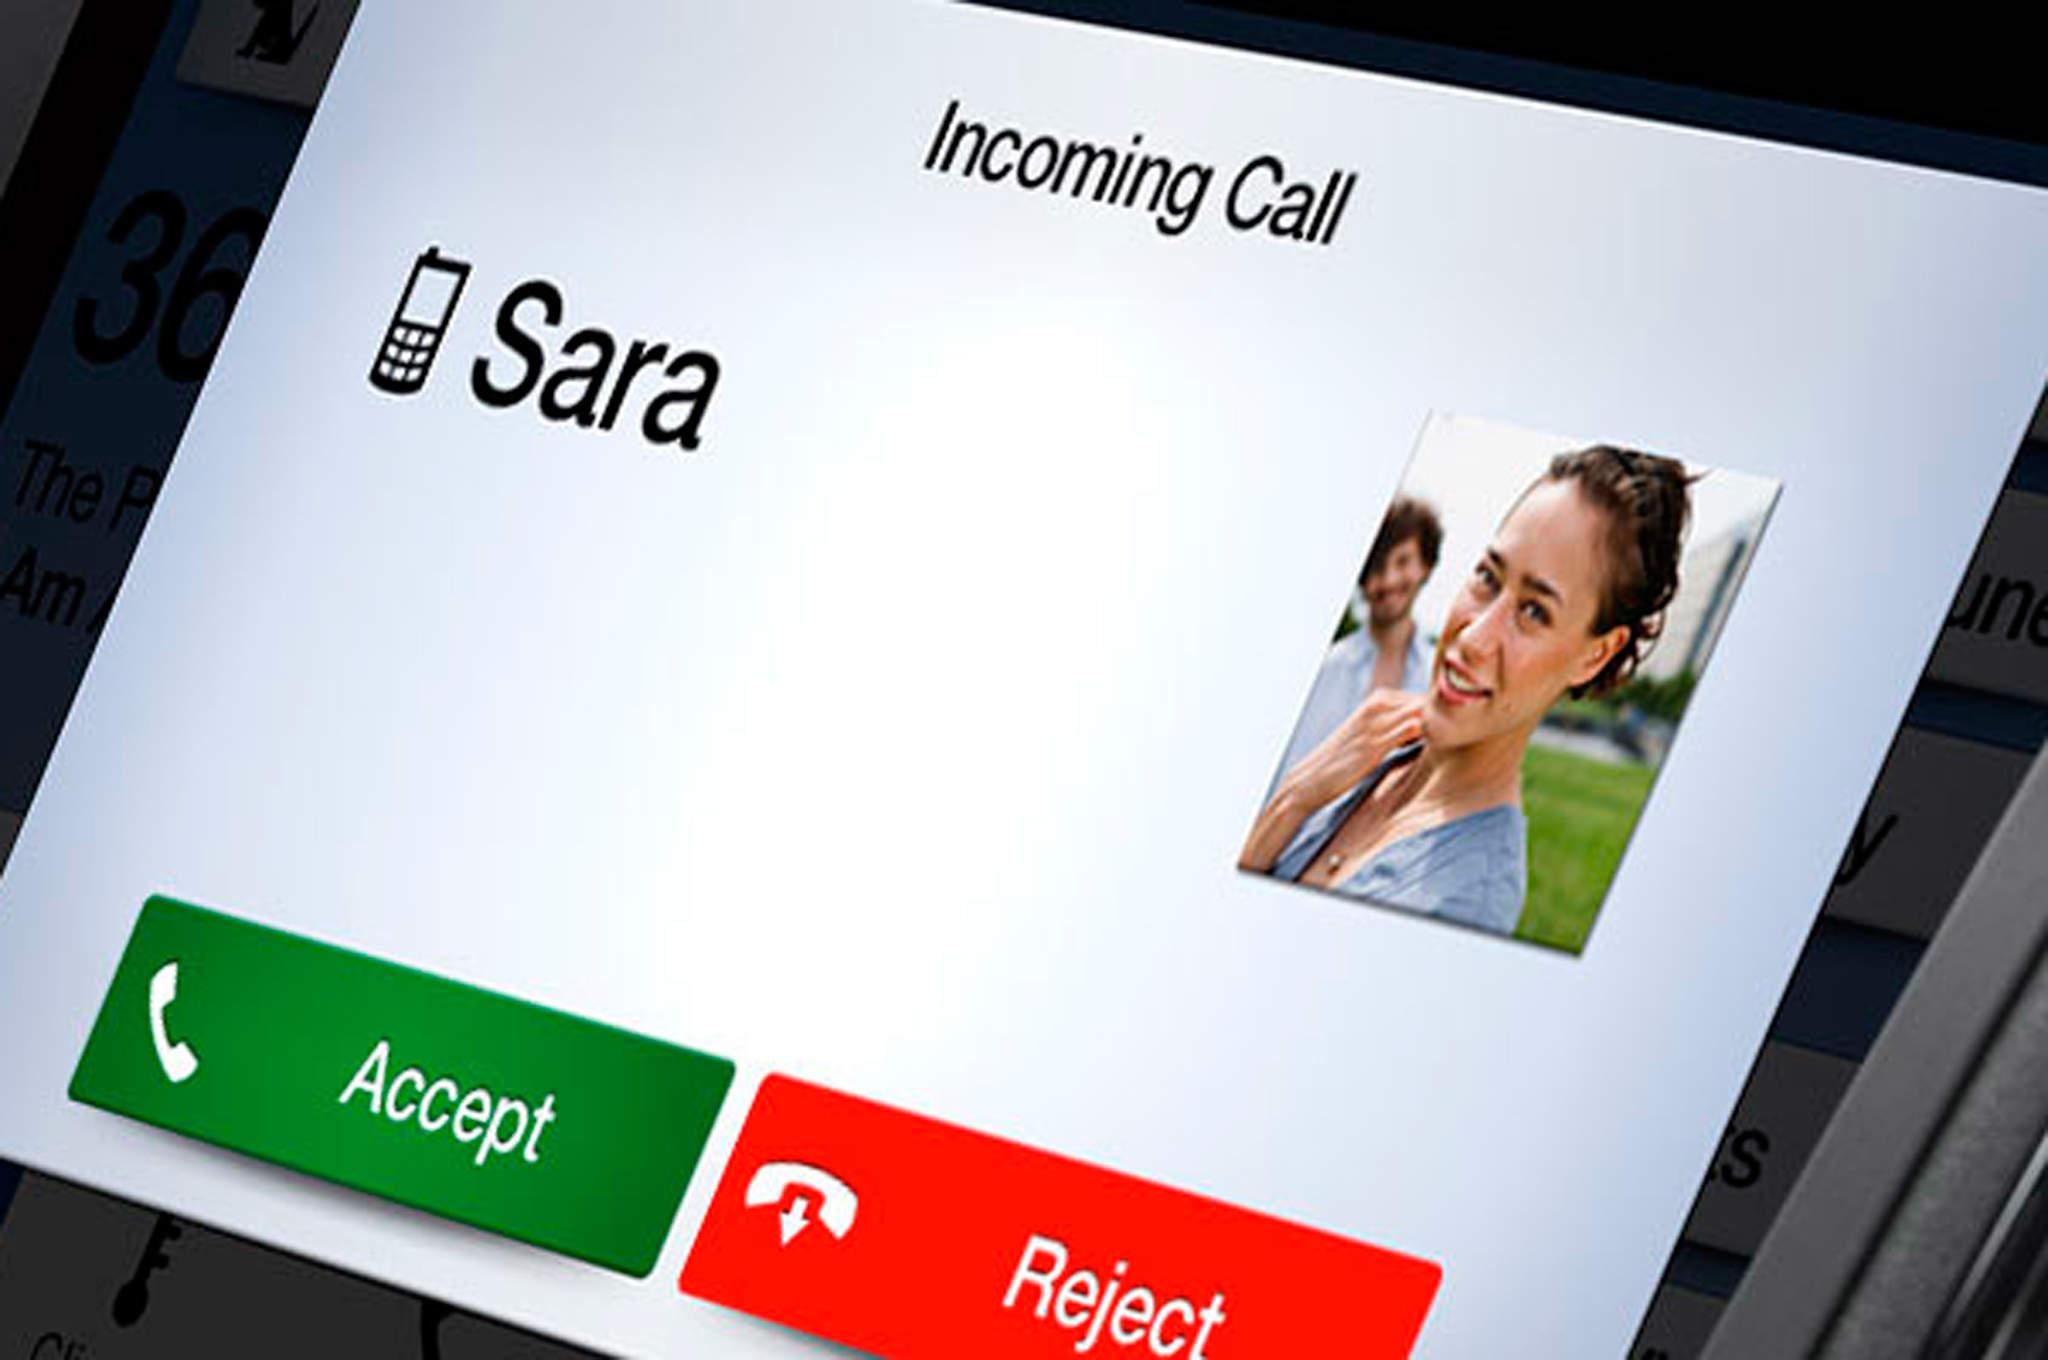 Você já pensou em atender todas as chamadas da sua empresa em 2016?